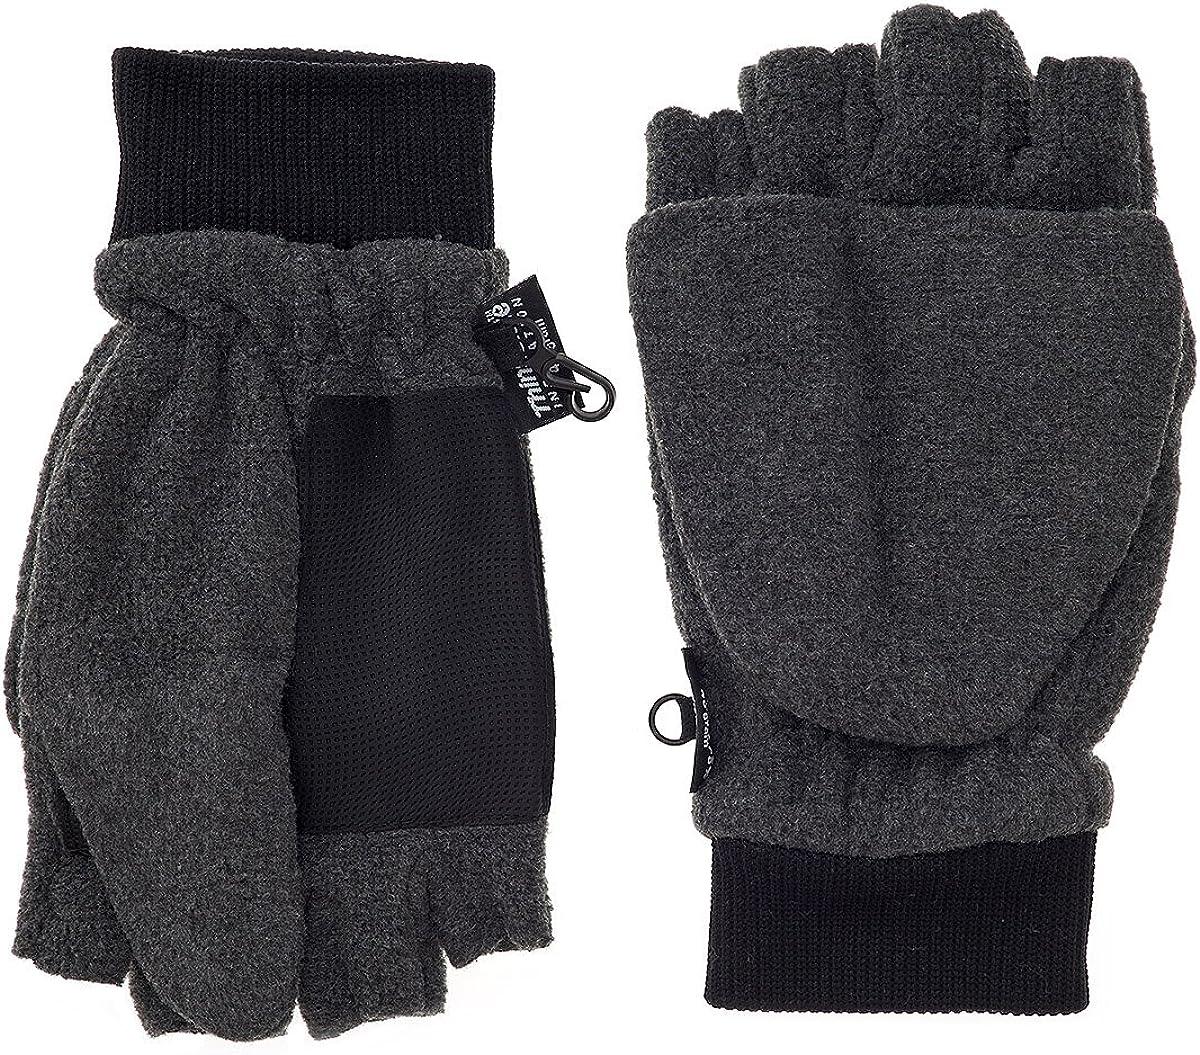 Men's Micro-Fleece Convertible Mittens